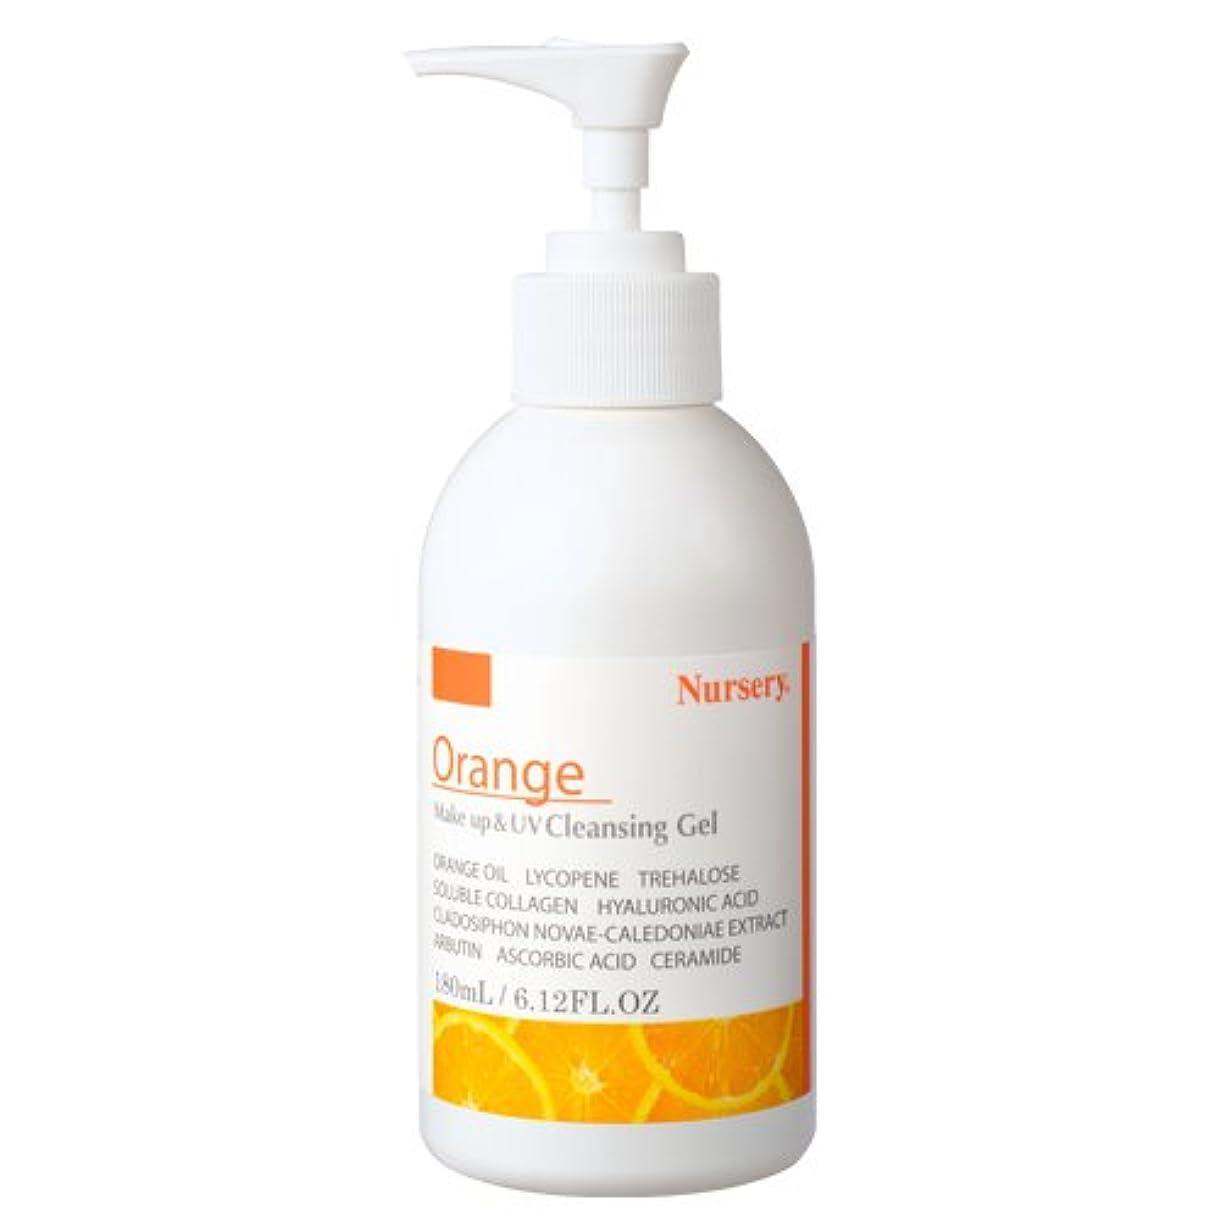 性能ばかモデレータナーセリー Wクレンジングジェル オレンジ 180mL